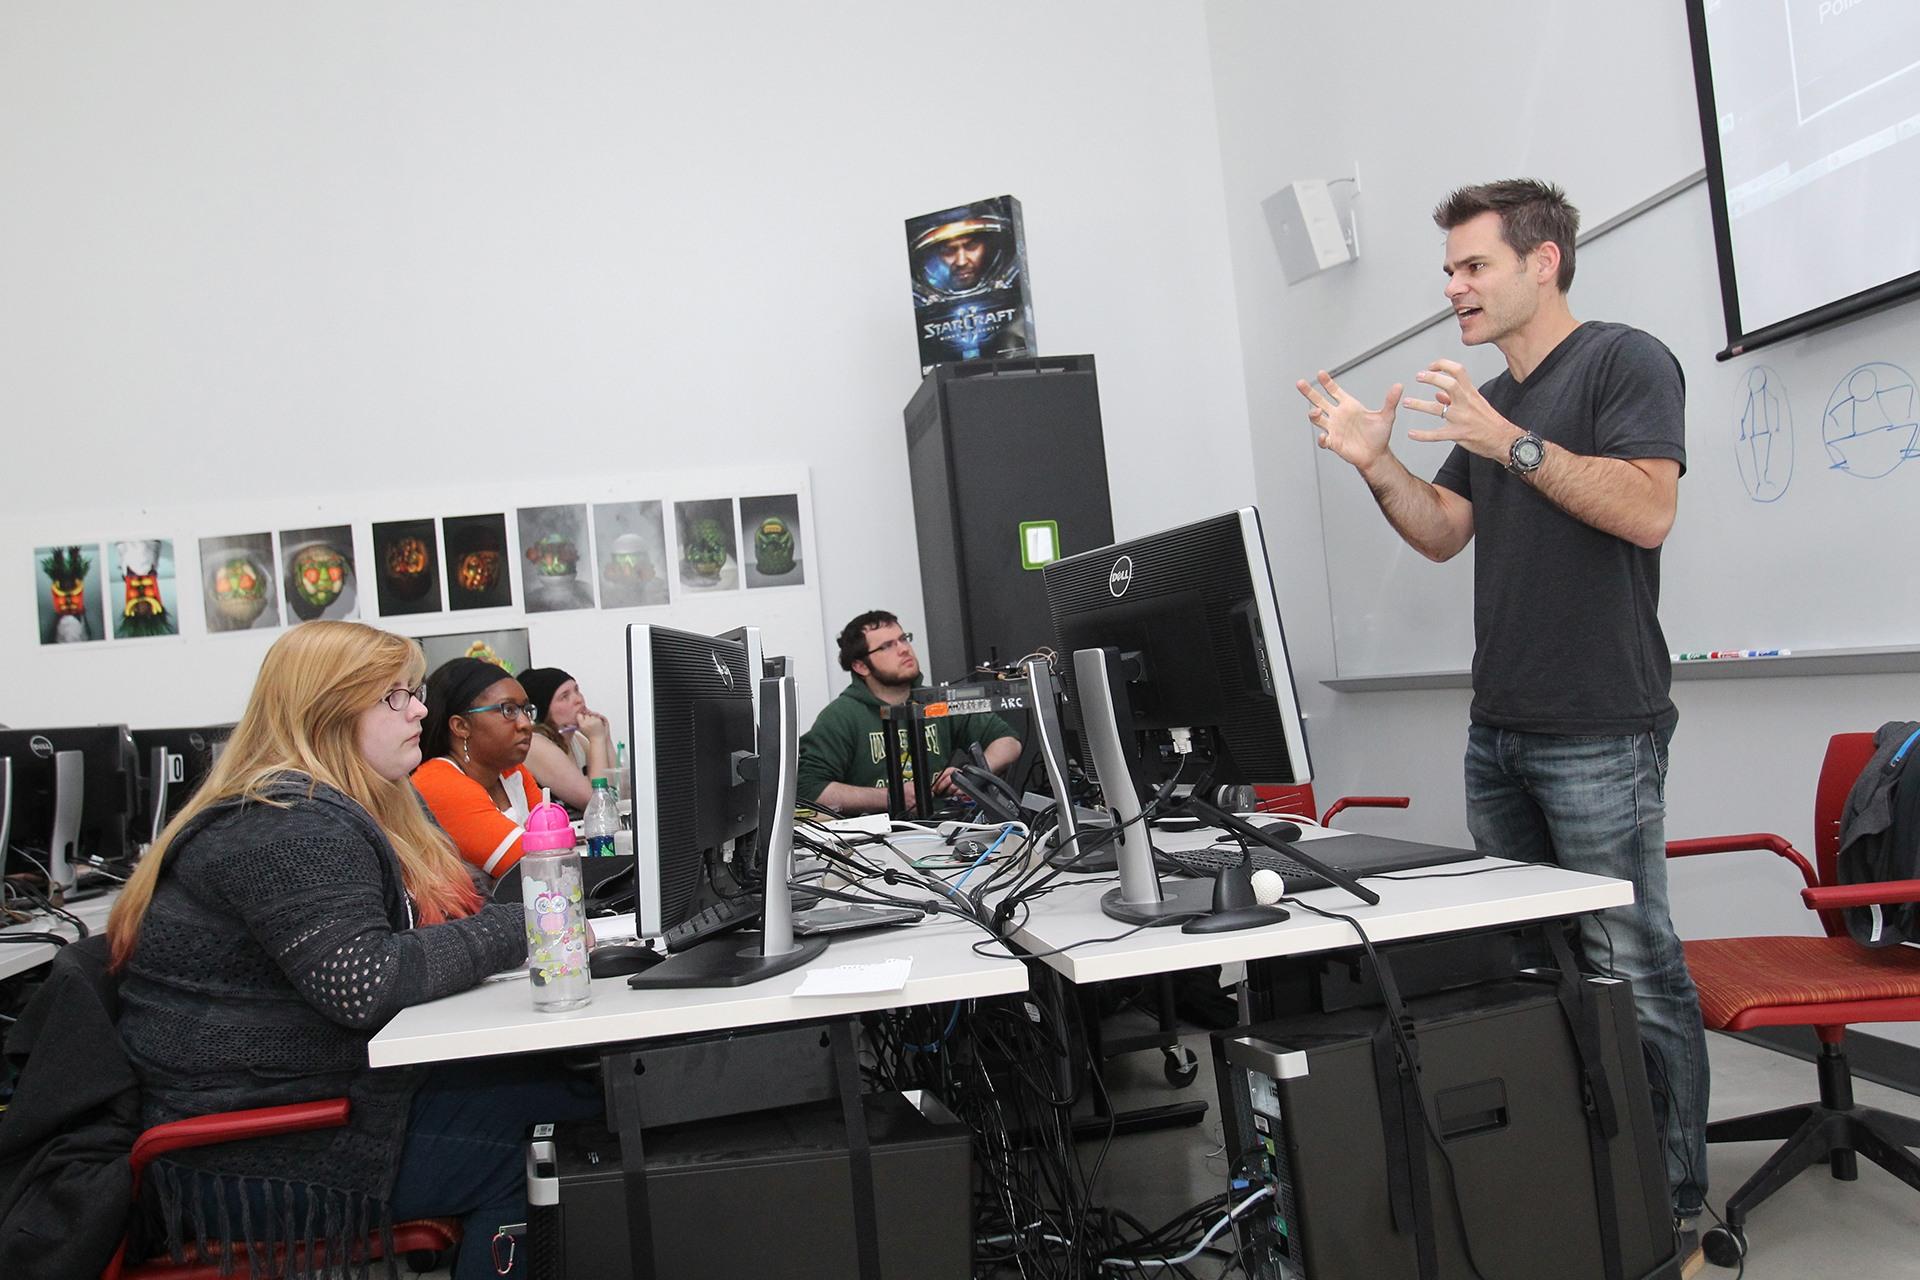 teacher holding class